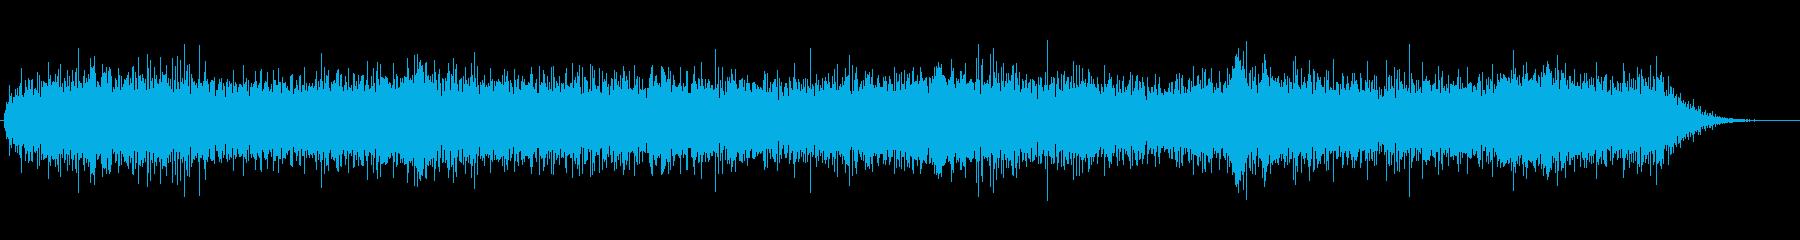 ドローン 低ノイズのリンギング01の再生済みの波形